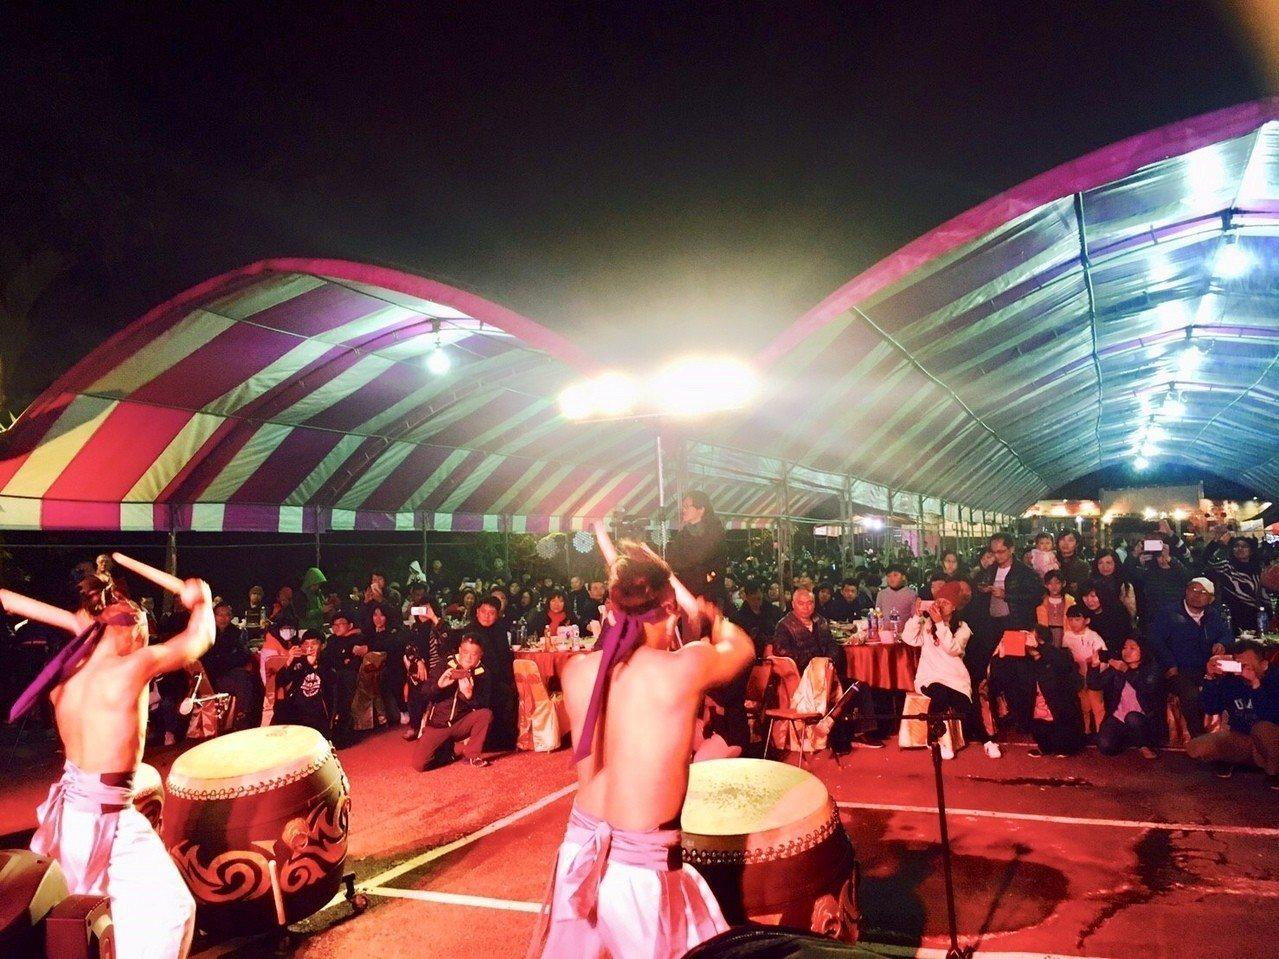 每年活動現場還有歌舞表演及摸彩,相當熱鬧。